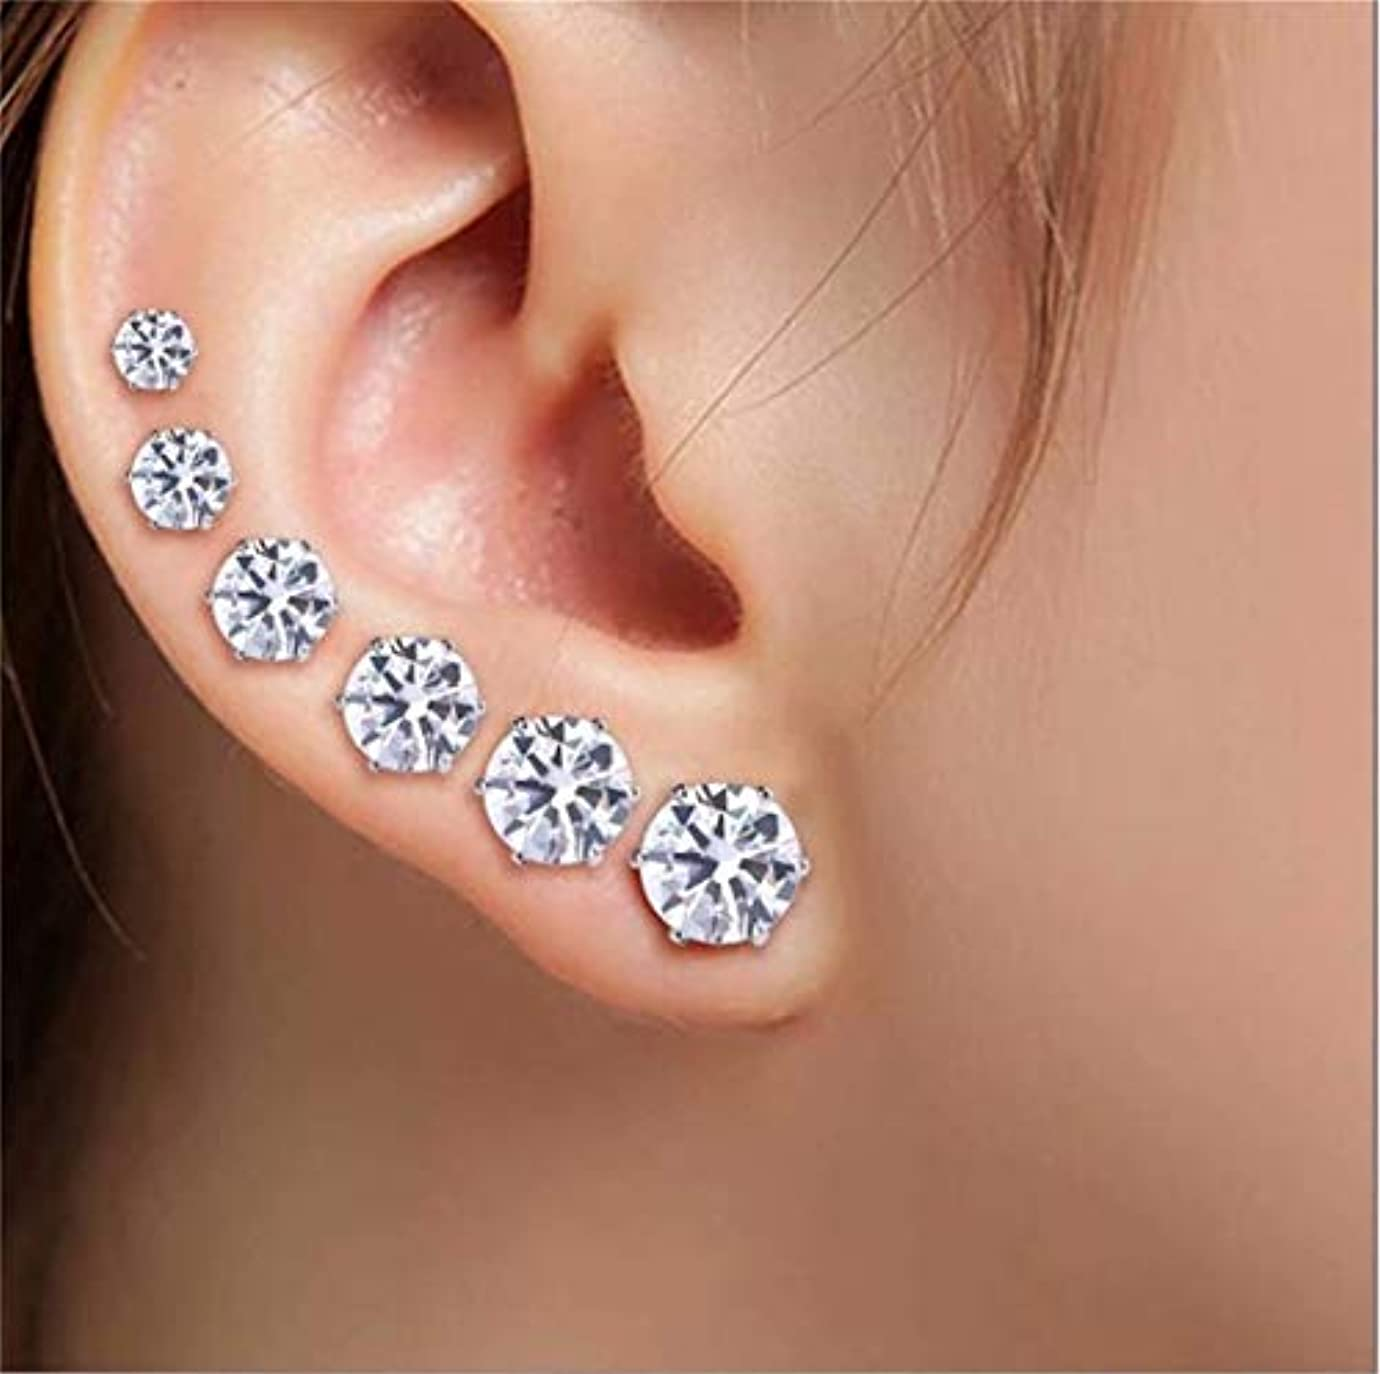 型足首形式七里の香 自由奔放に生きるクリスタル 耳カフ耳スタッドピアス女性のための小さな登山耳骨ピアスイヤリング